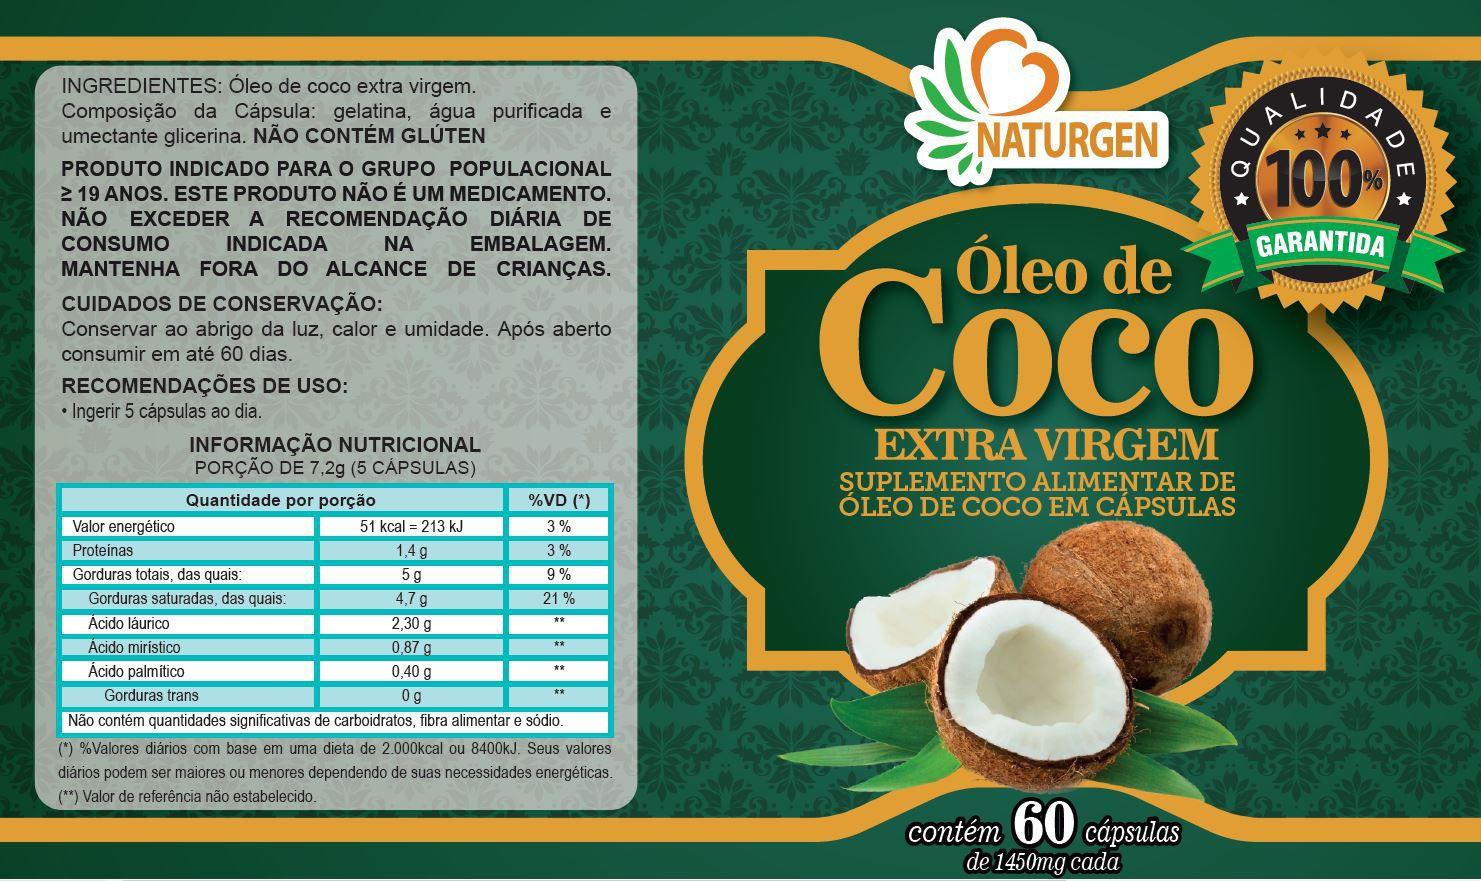 NATURCAPS/NATURGEN OLEO DE COCO 1000MG 60 CAPSULAS